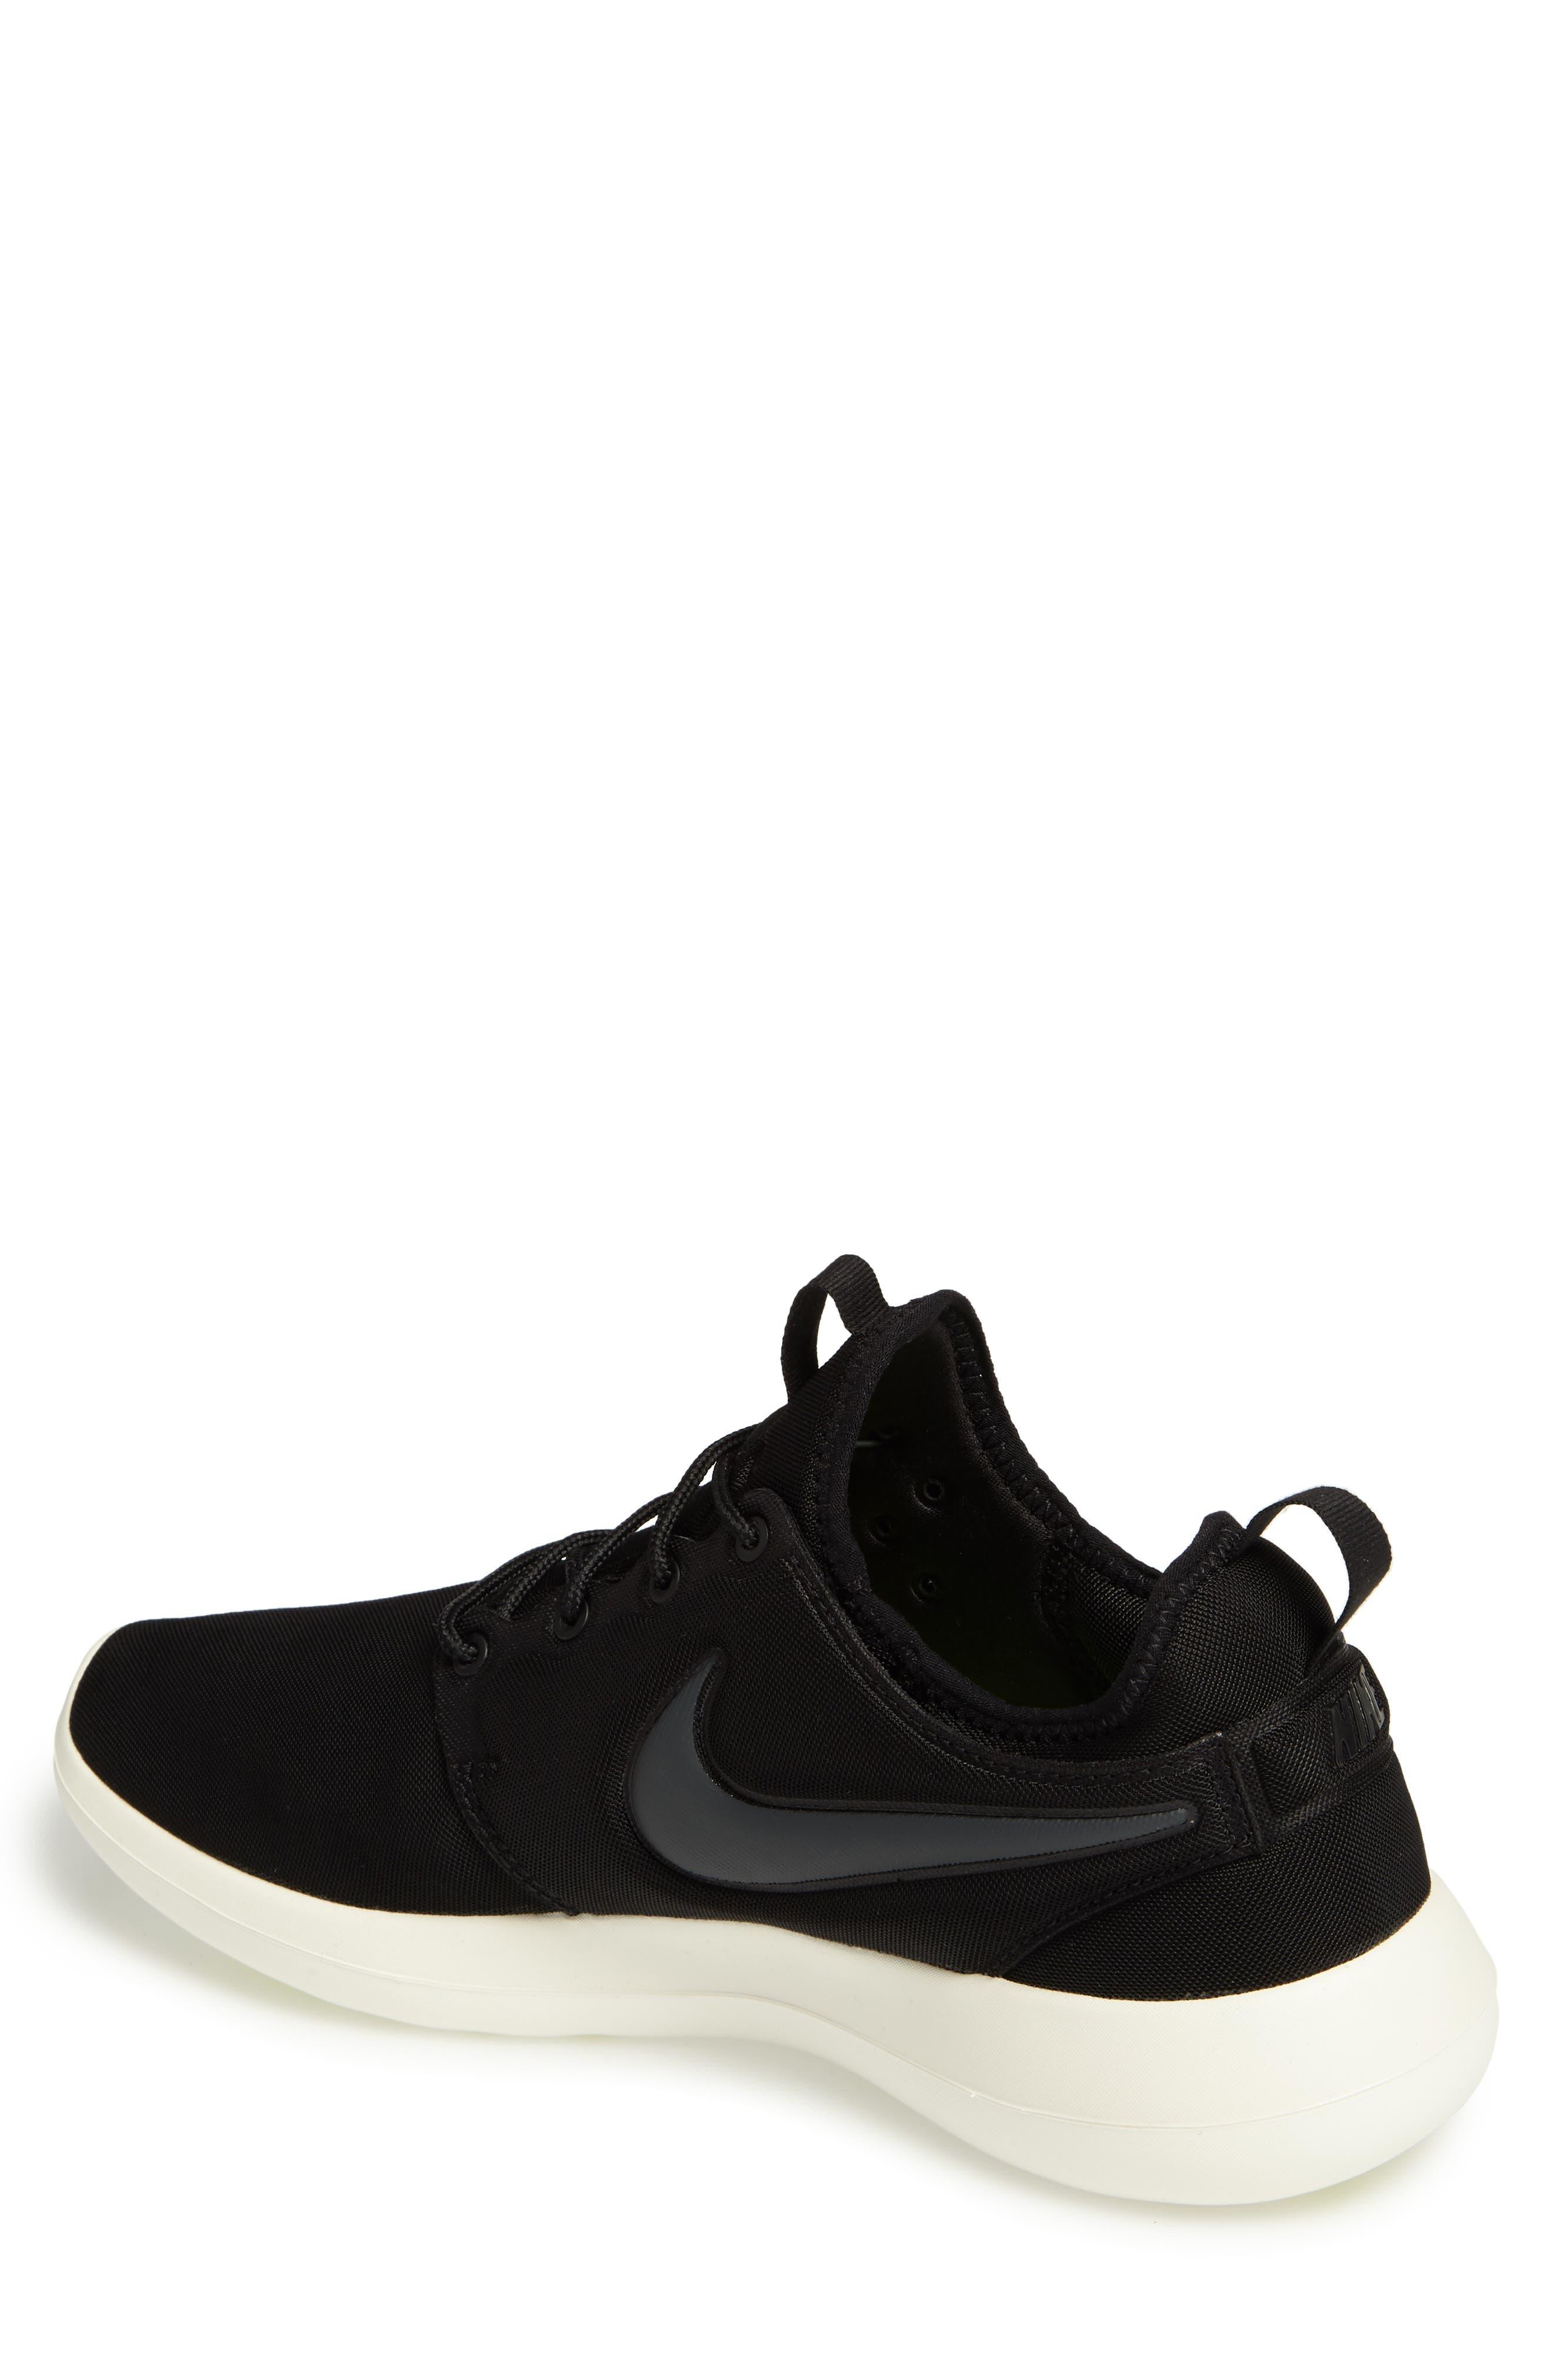 Roshe Two Sneaker,                             Alternate thumbnail 2, color,                             Black/ Anthracite/ Sail/ Volt